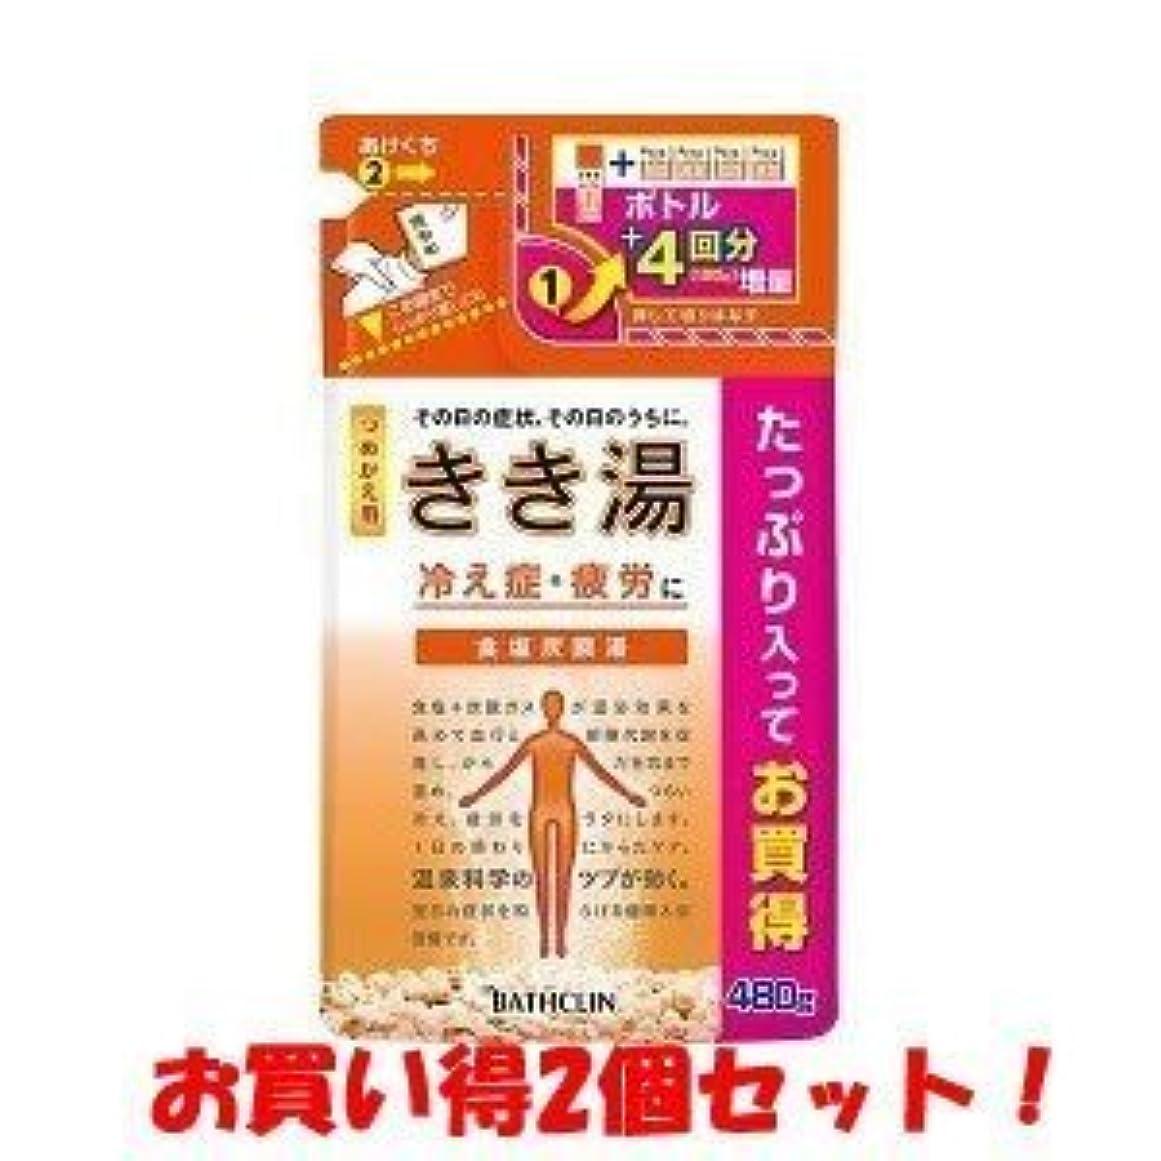 接続詞宿題液化する(バスクリン)きき湯 食塩炭酸湯 つめかえ用 480g(医薬部外品)(お買い得2個セット)